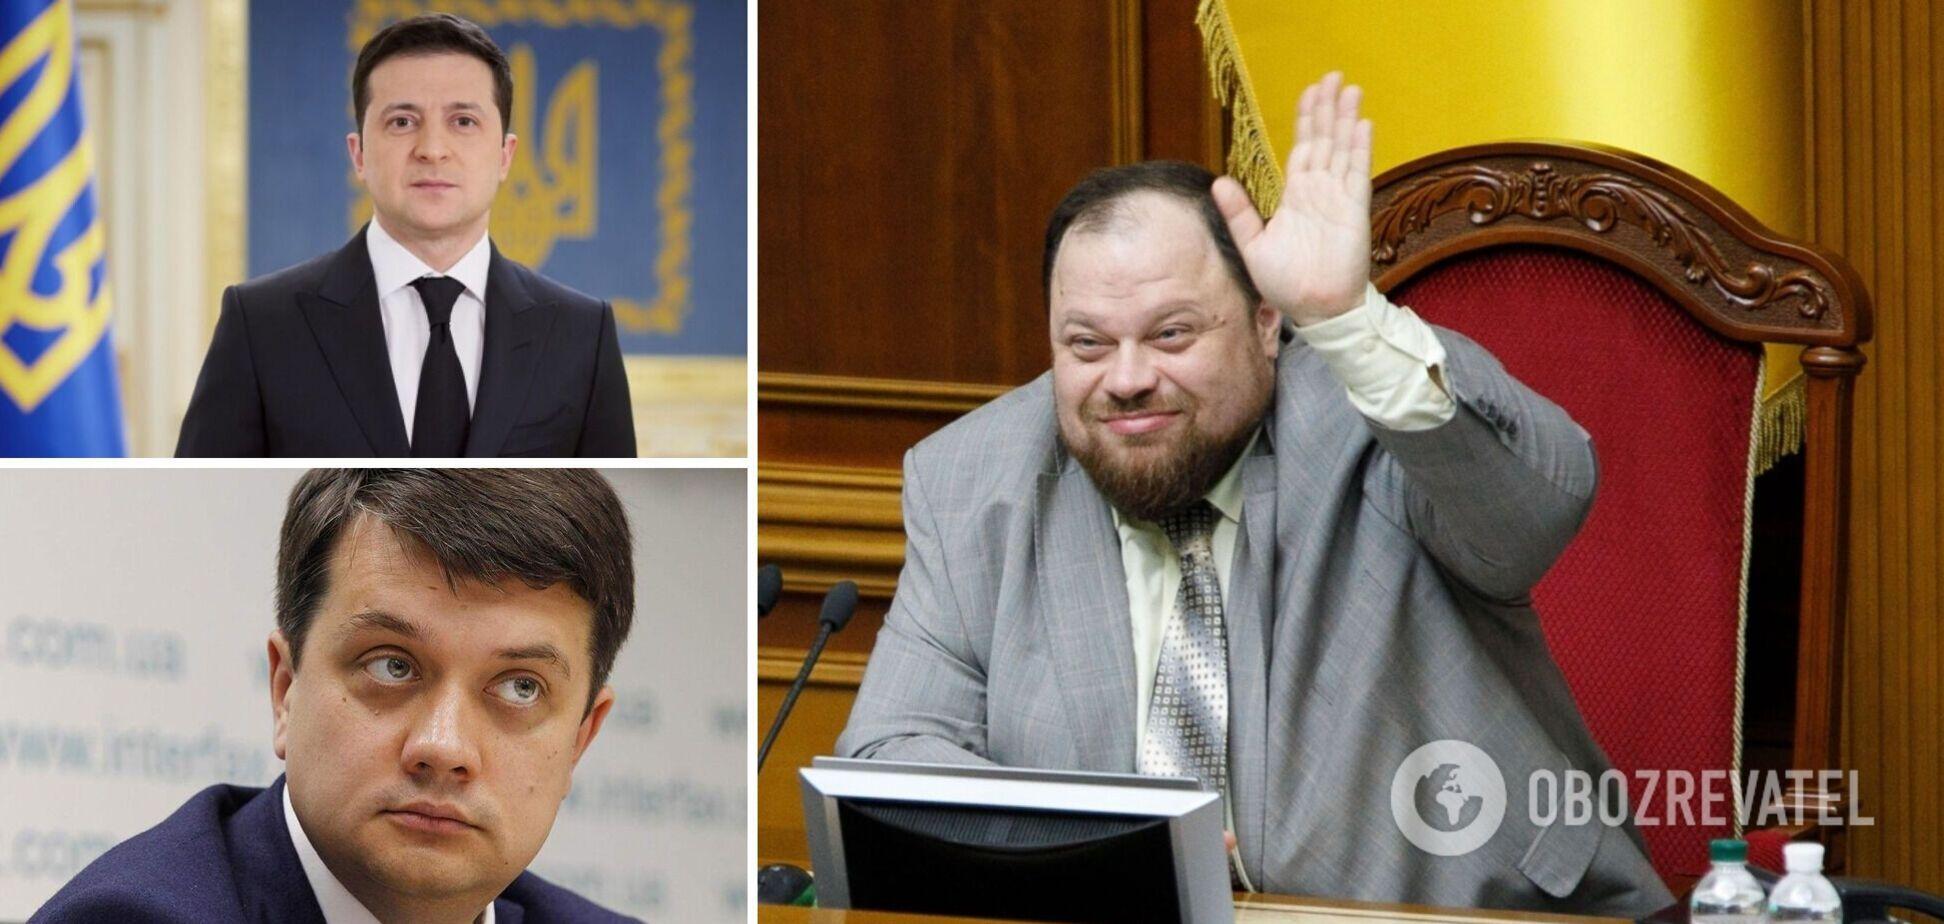 Руслан Стефанчук стал новым главой Верховной Рады вместо Дмитрия Разумкова